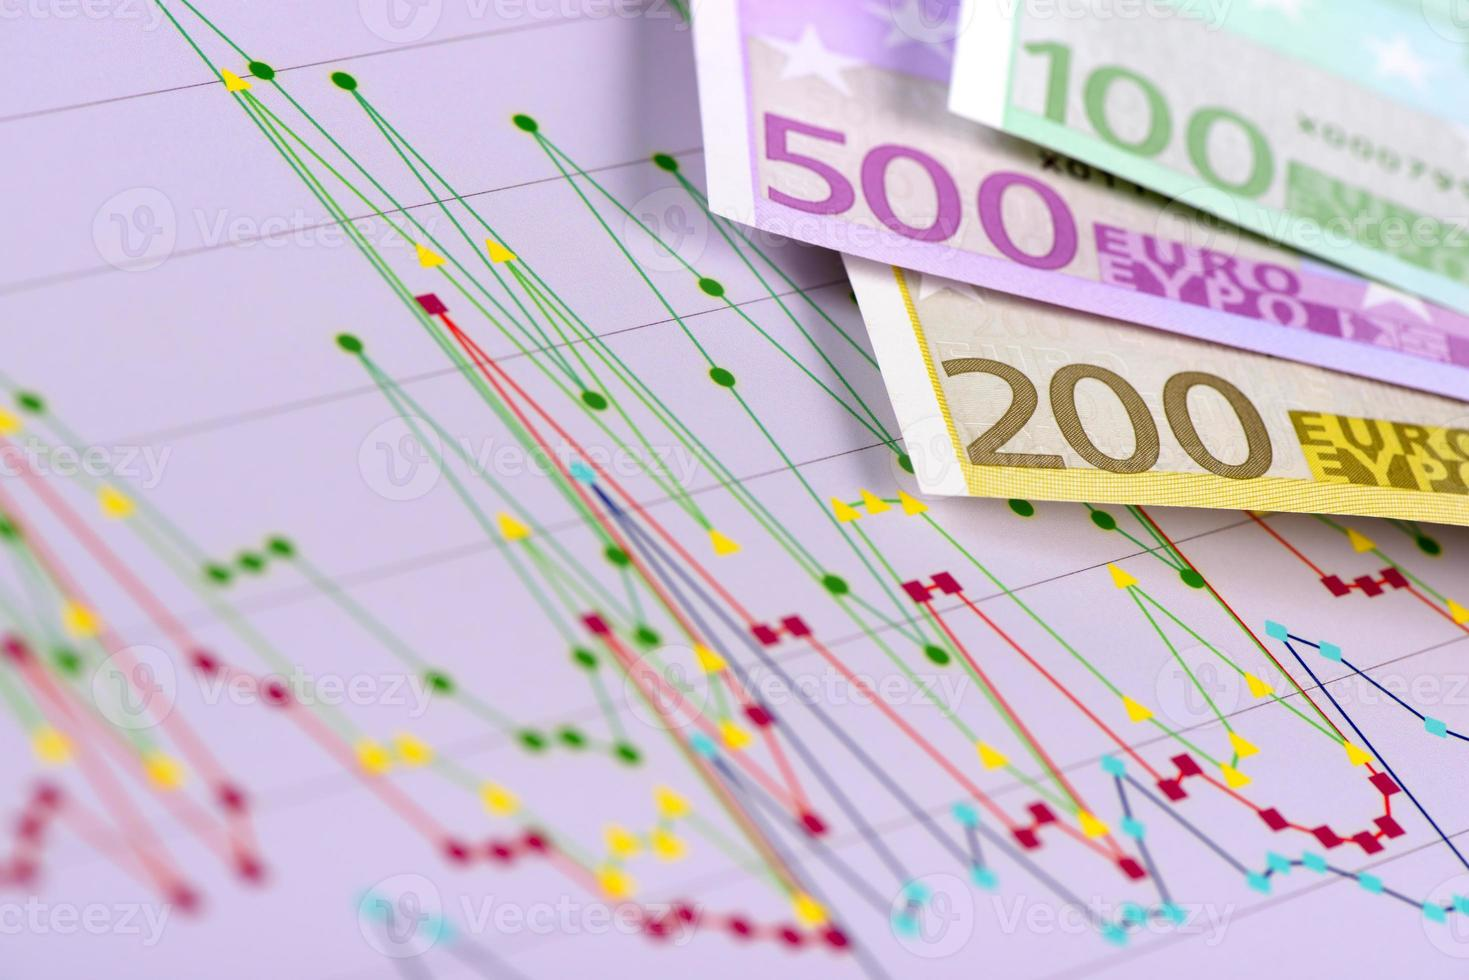 cálculo financiero y empresarial foto